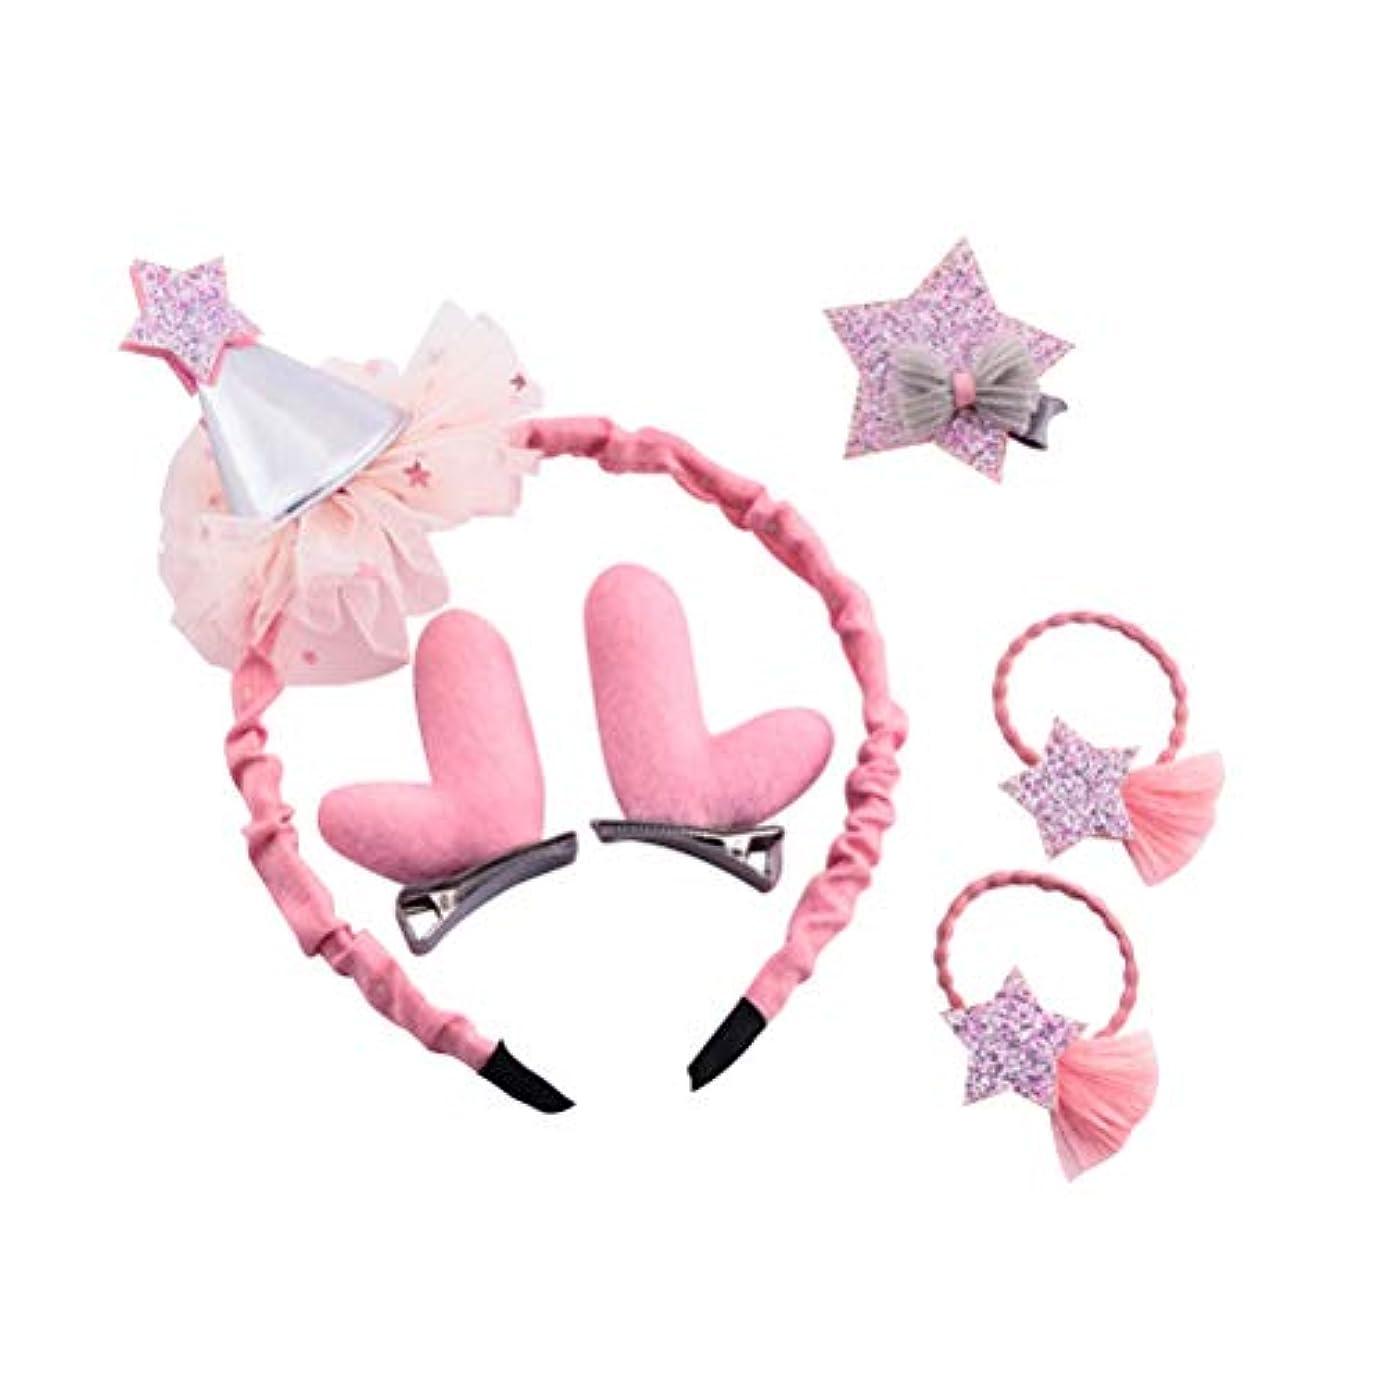 保育園確立間違いなくBESTOYARD クリスマスの髪のアクセサリー帽子のレンダーの飾り飾りヘッドバンドのヘアクリップ女の子のためのピンバレッタの髪の弾性(ピンク)